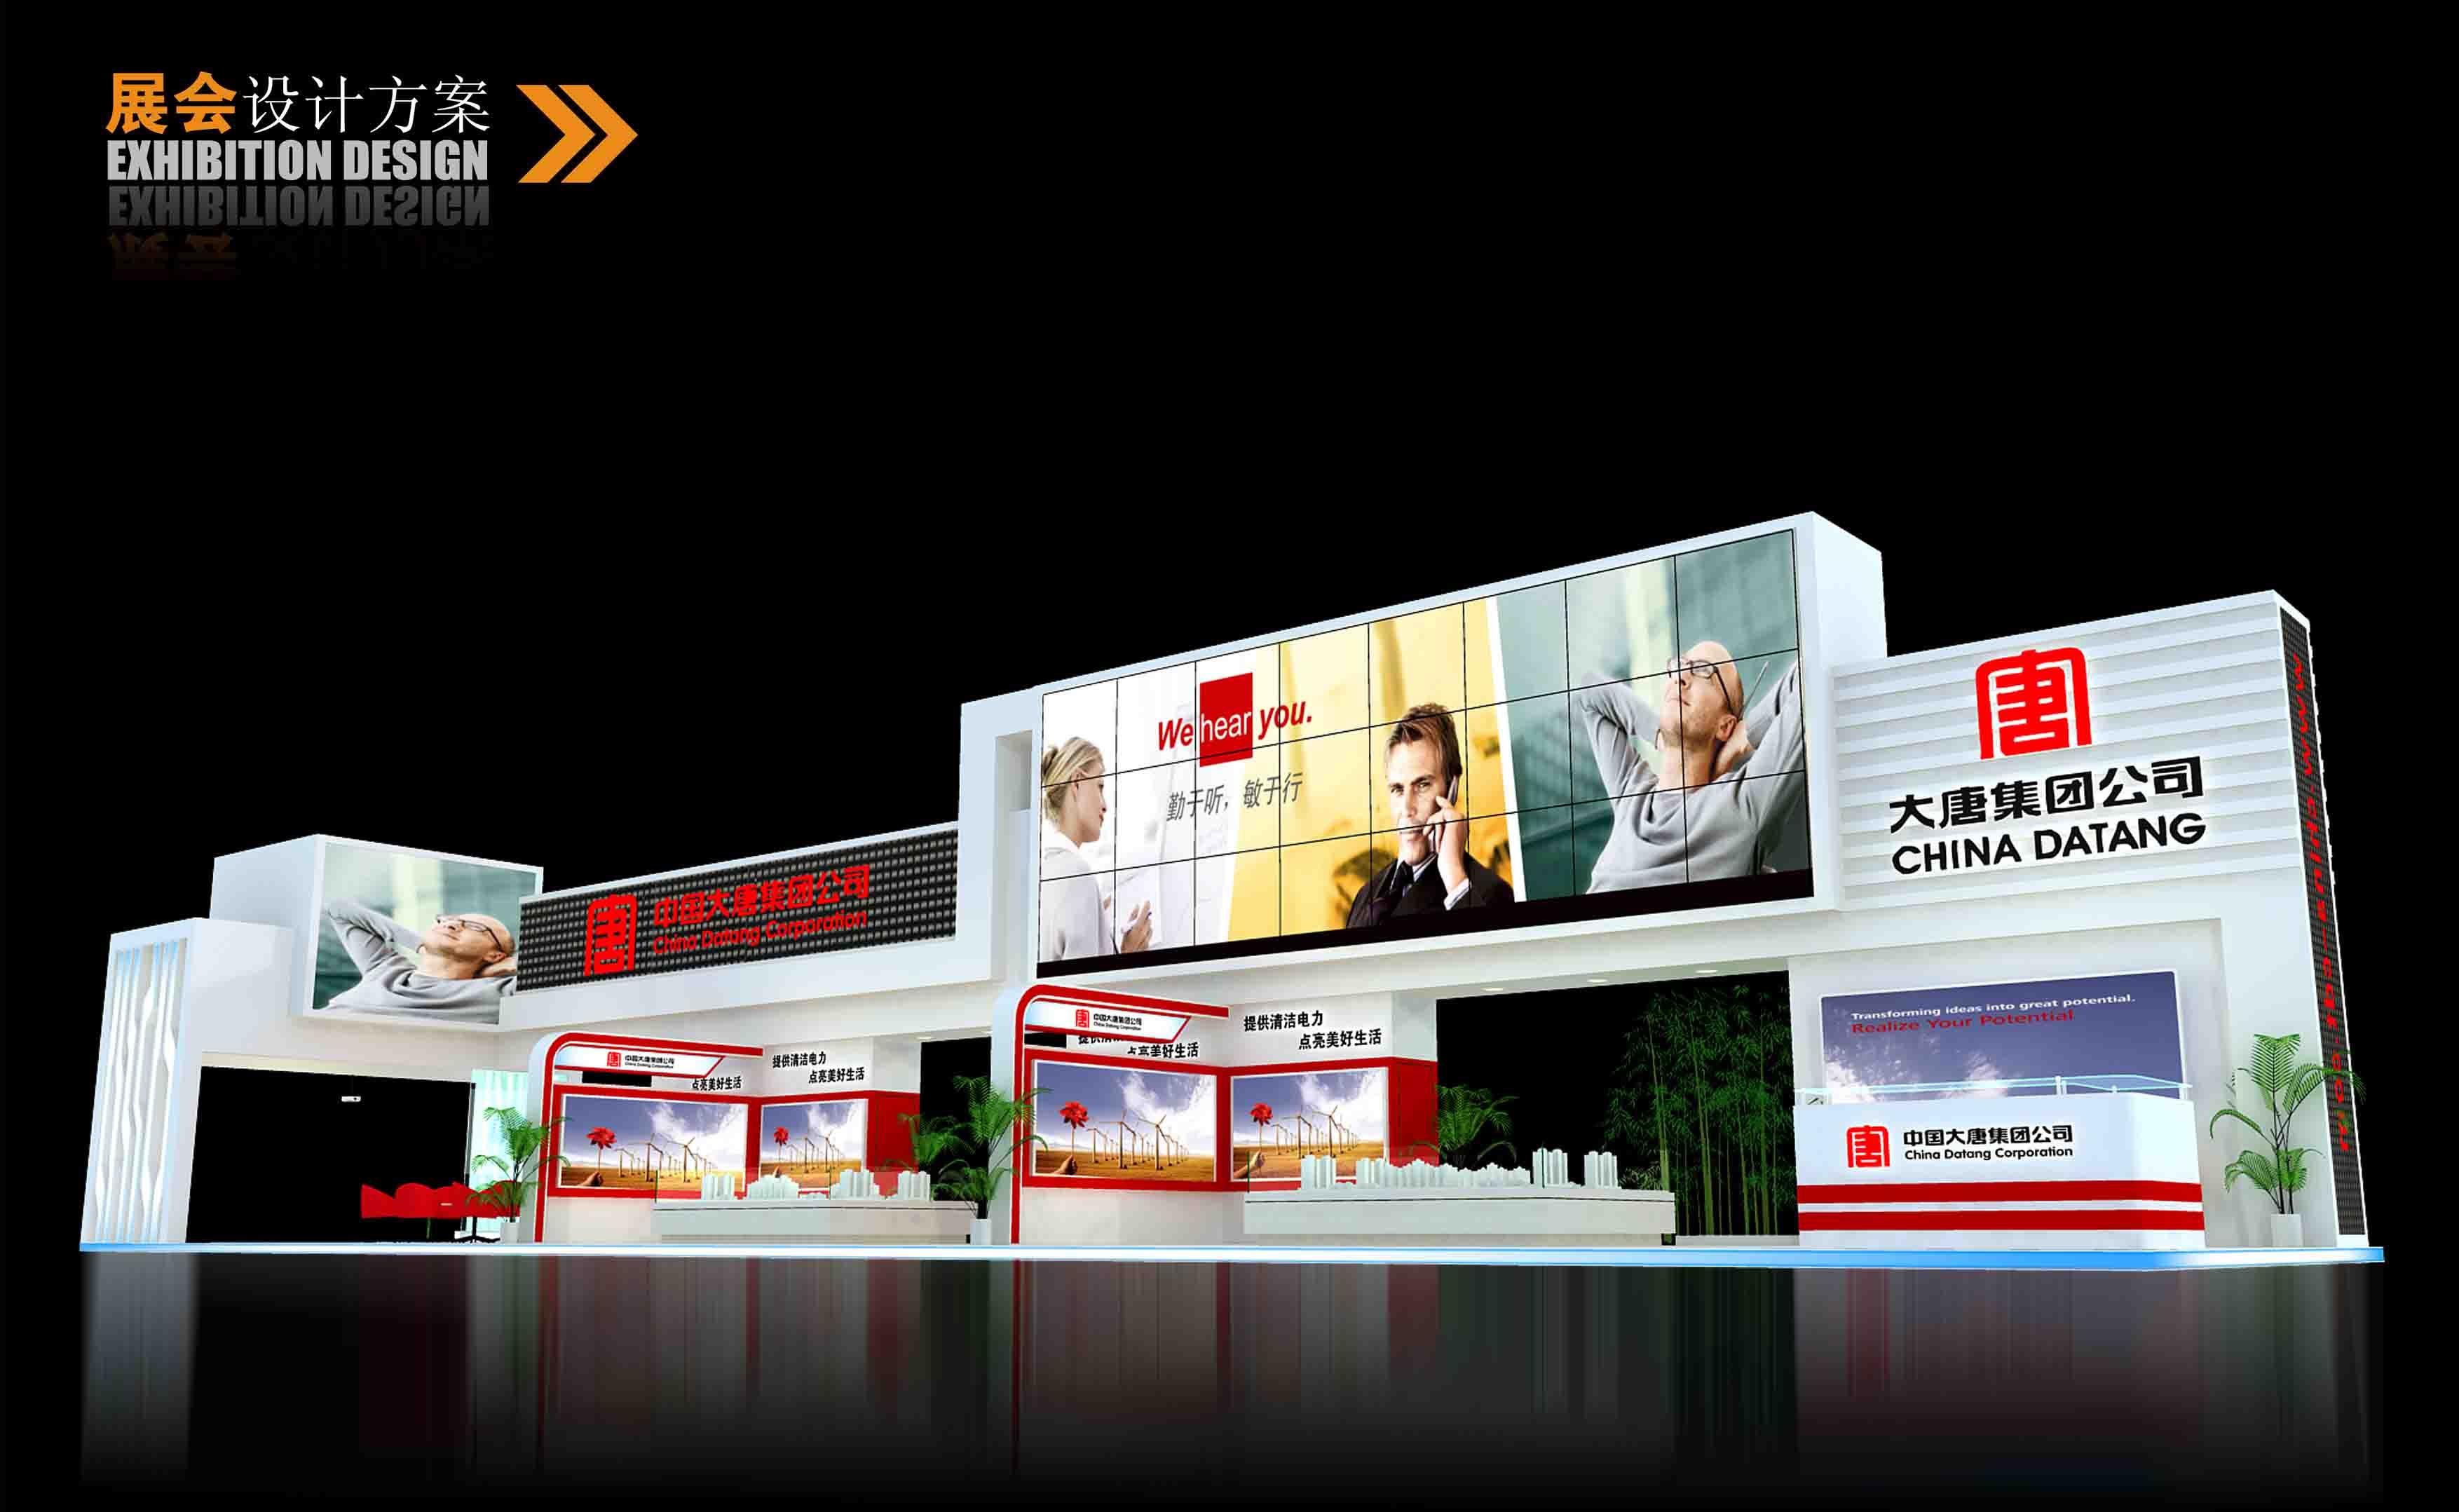 山东展览设计:济南天和宇泰展览设计团队【专业团队,精心设计】